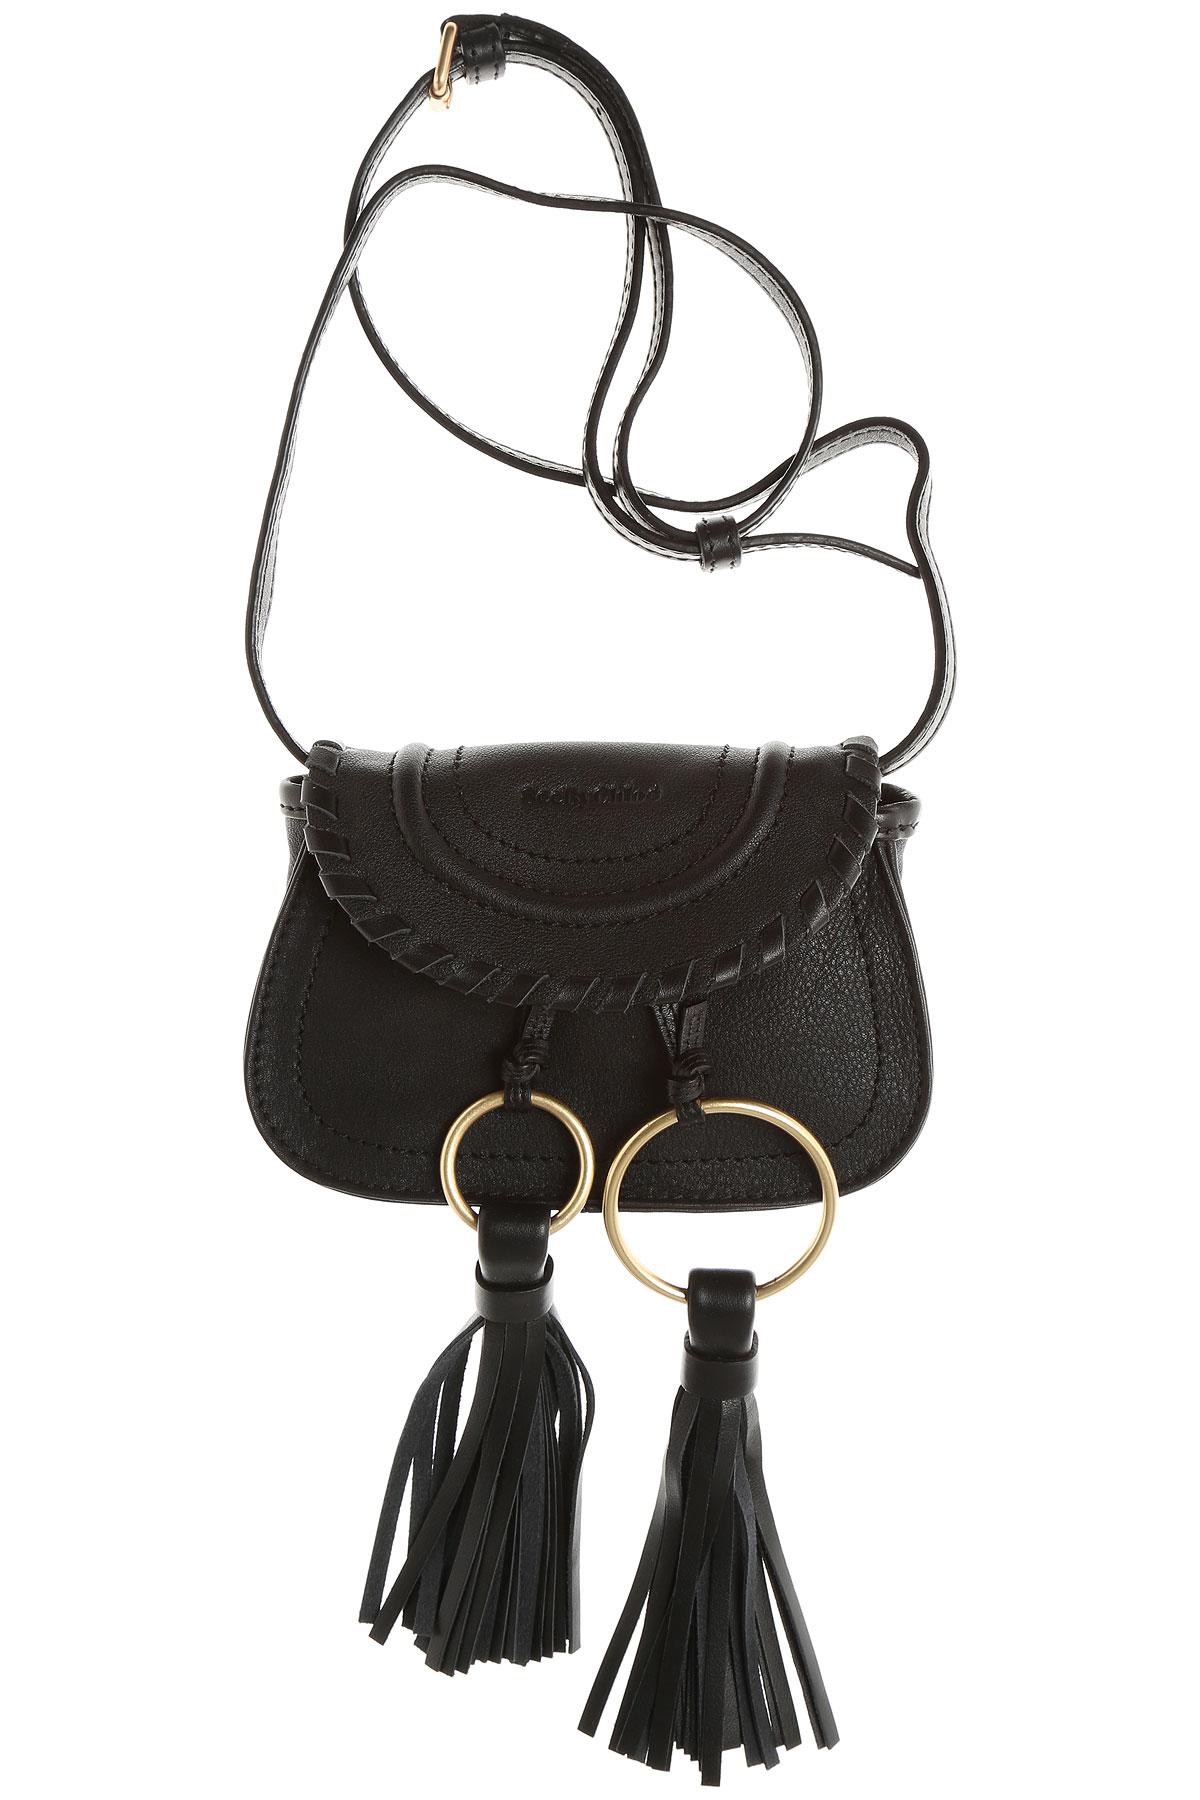 Chloe Shoulder Bag for Women, Black, Leather, 2017